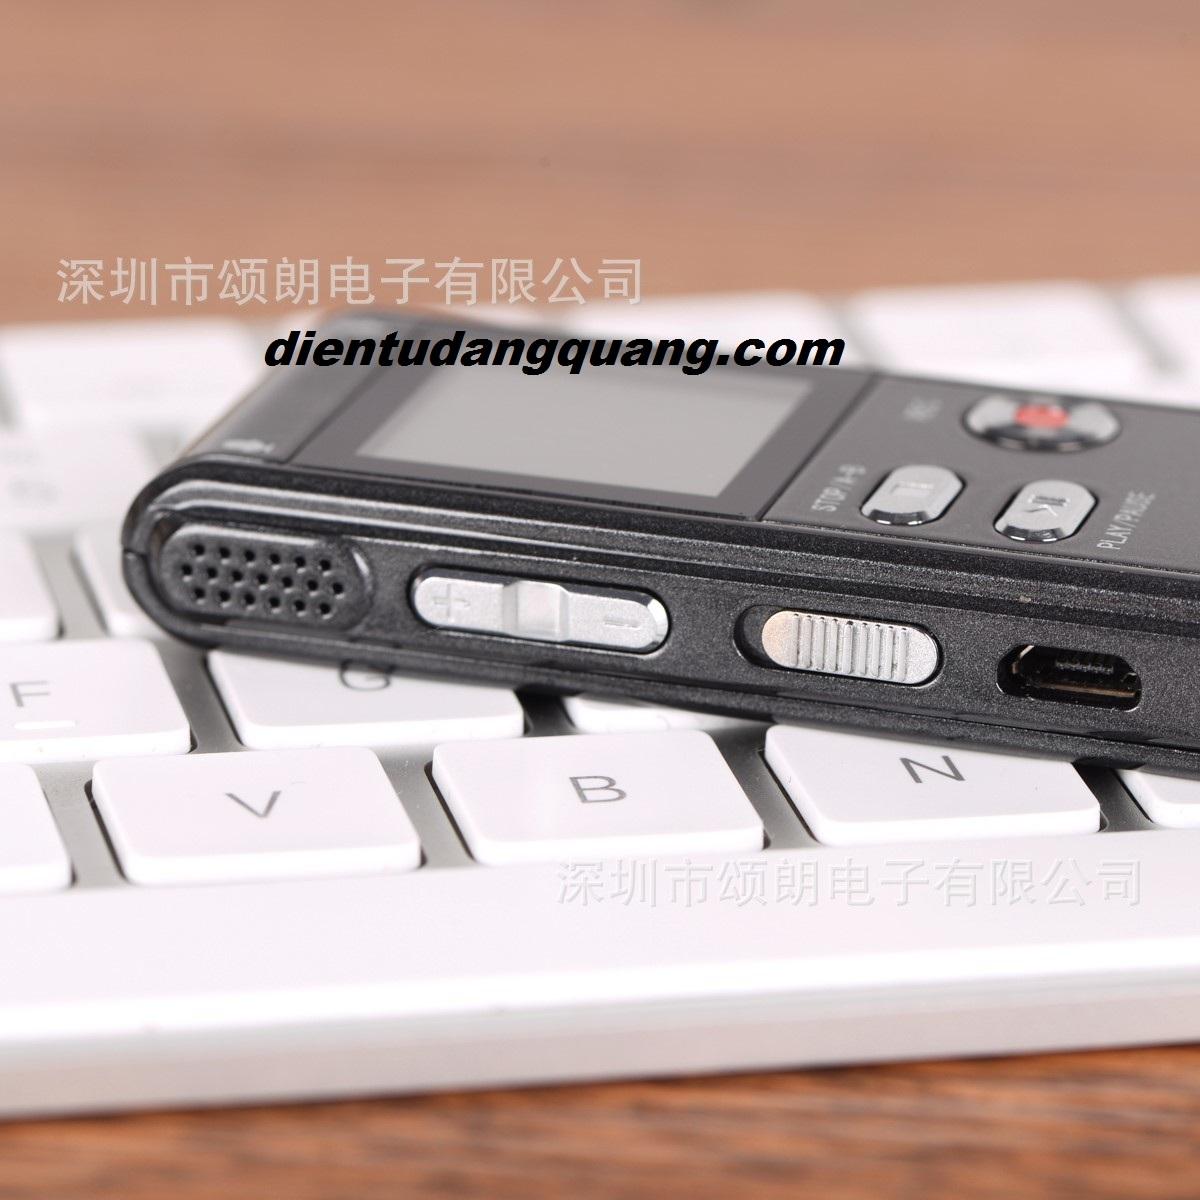 Mẫu ghi âm RV09 8GB giá rẻ, bền, nhỏ gọn, cao cấp RV16 bộ nhớ 16gb có lọc âm.  May-ghi-am-2